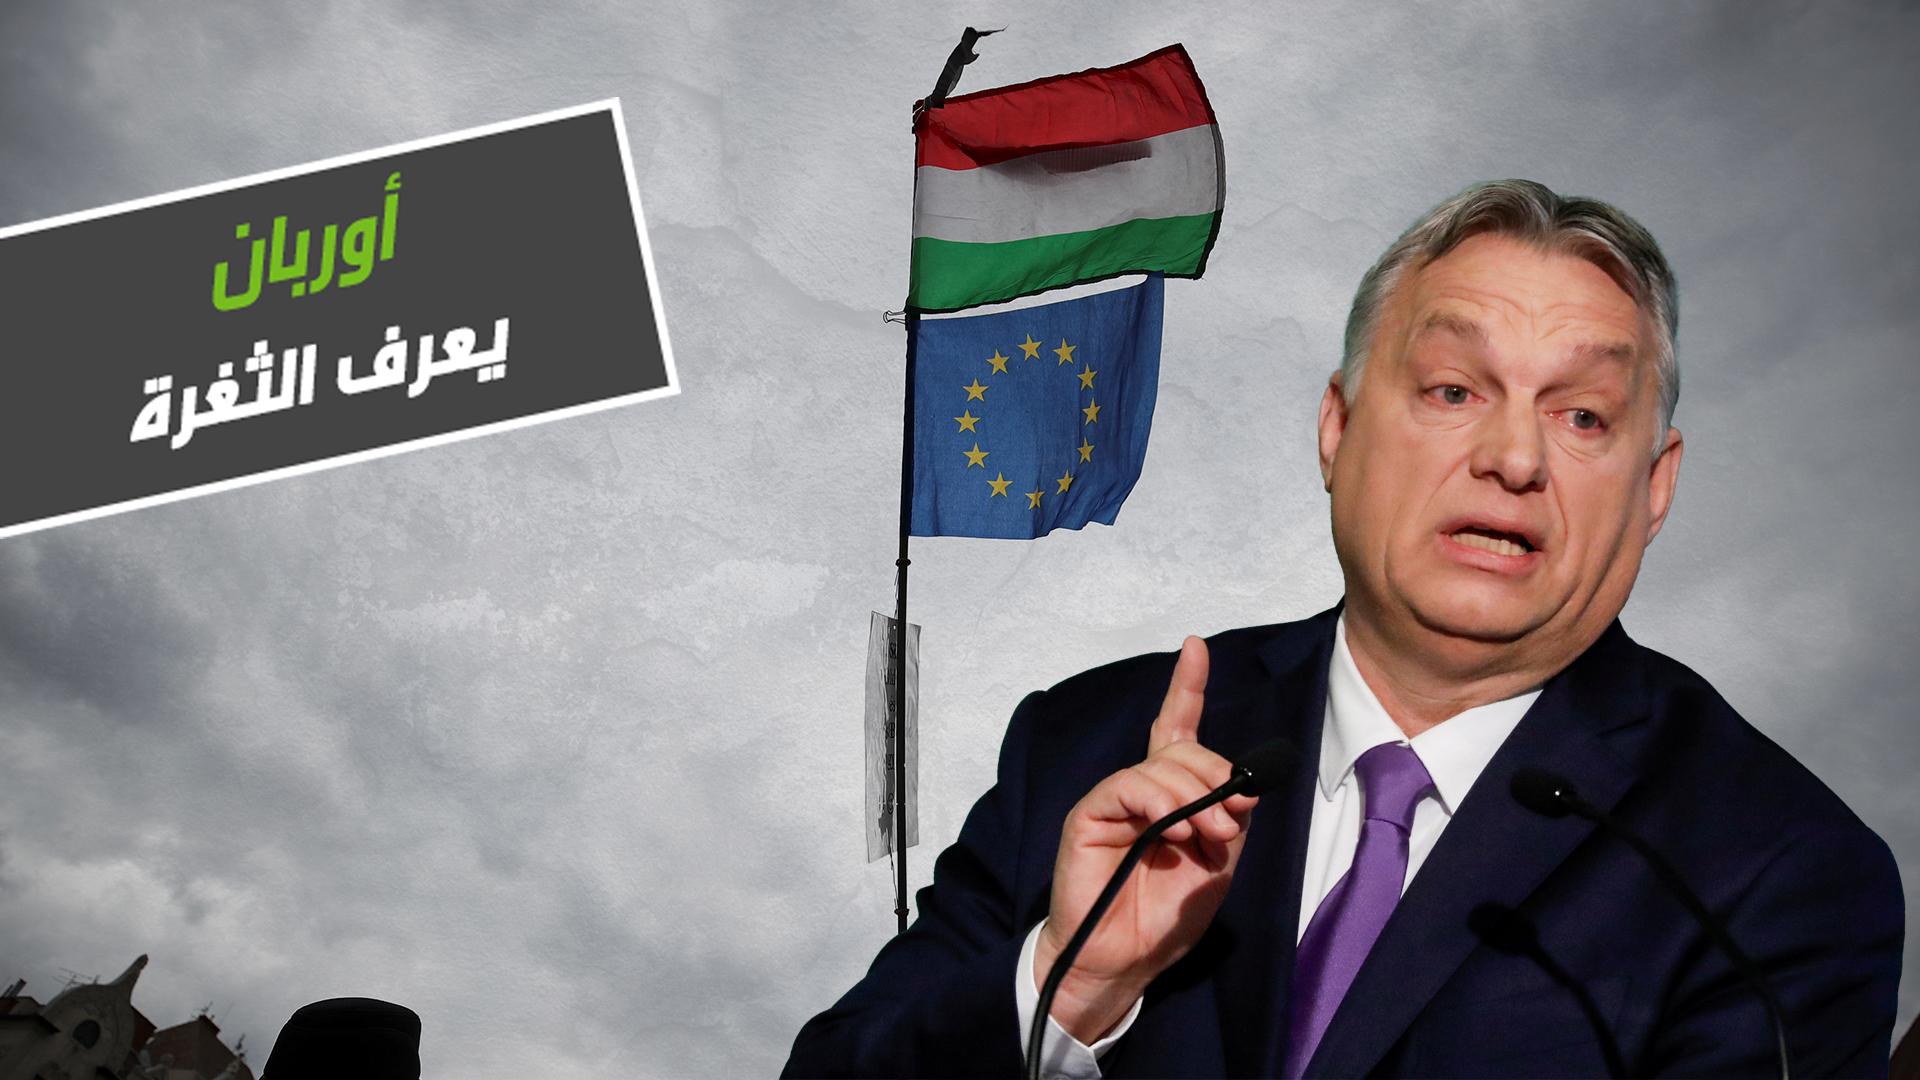 أوربان لأوروبا: دعينا نقضي على كورونا أولا وبعدها لكل حادث حديث